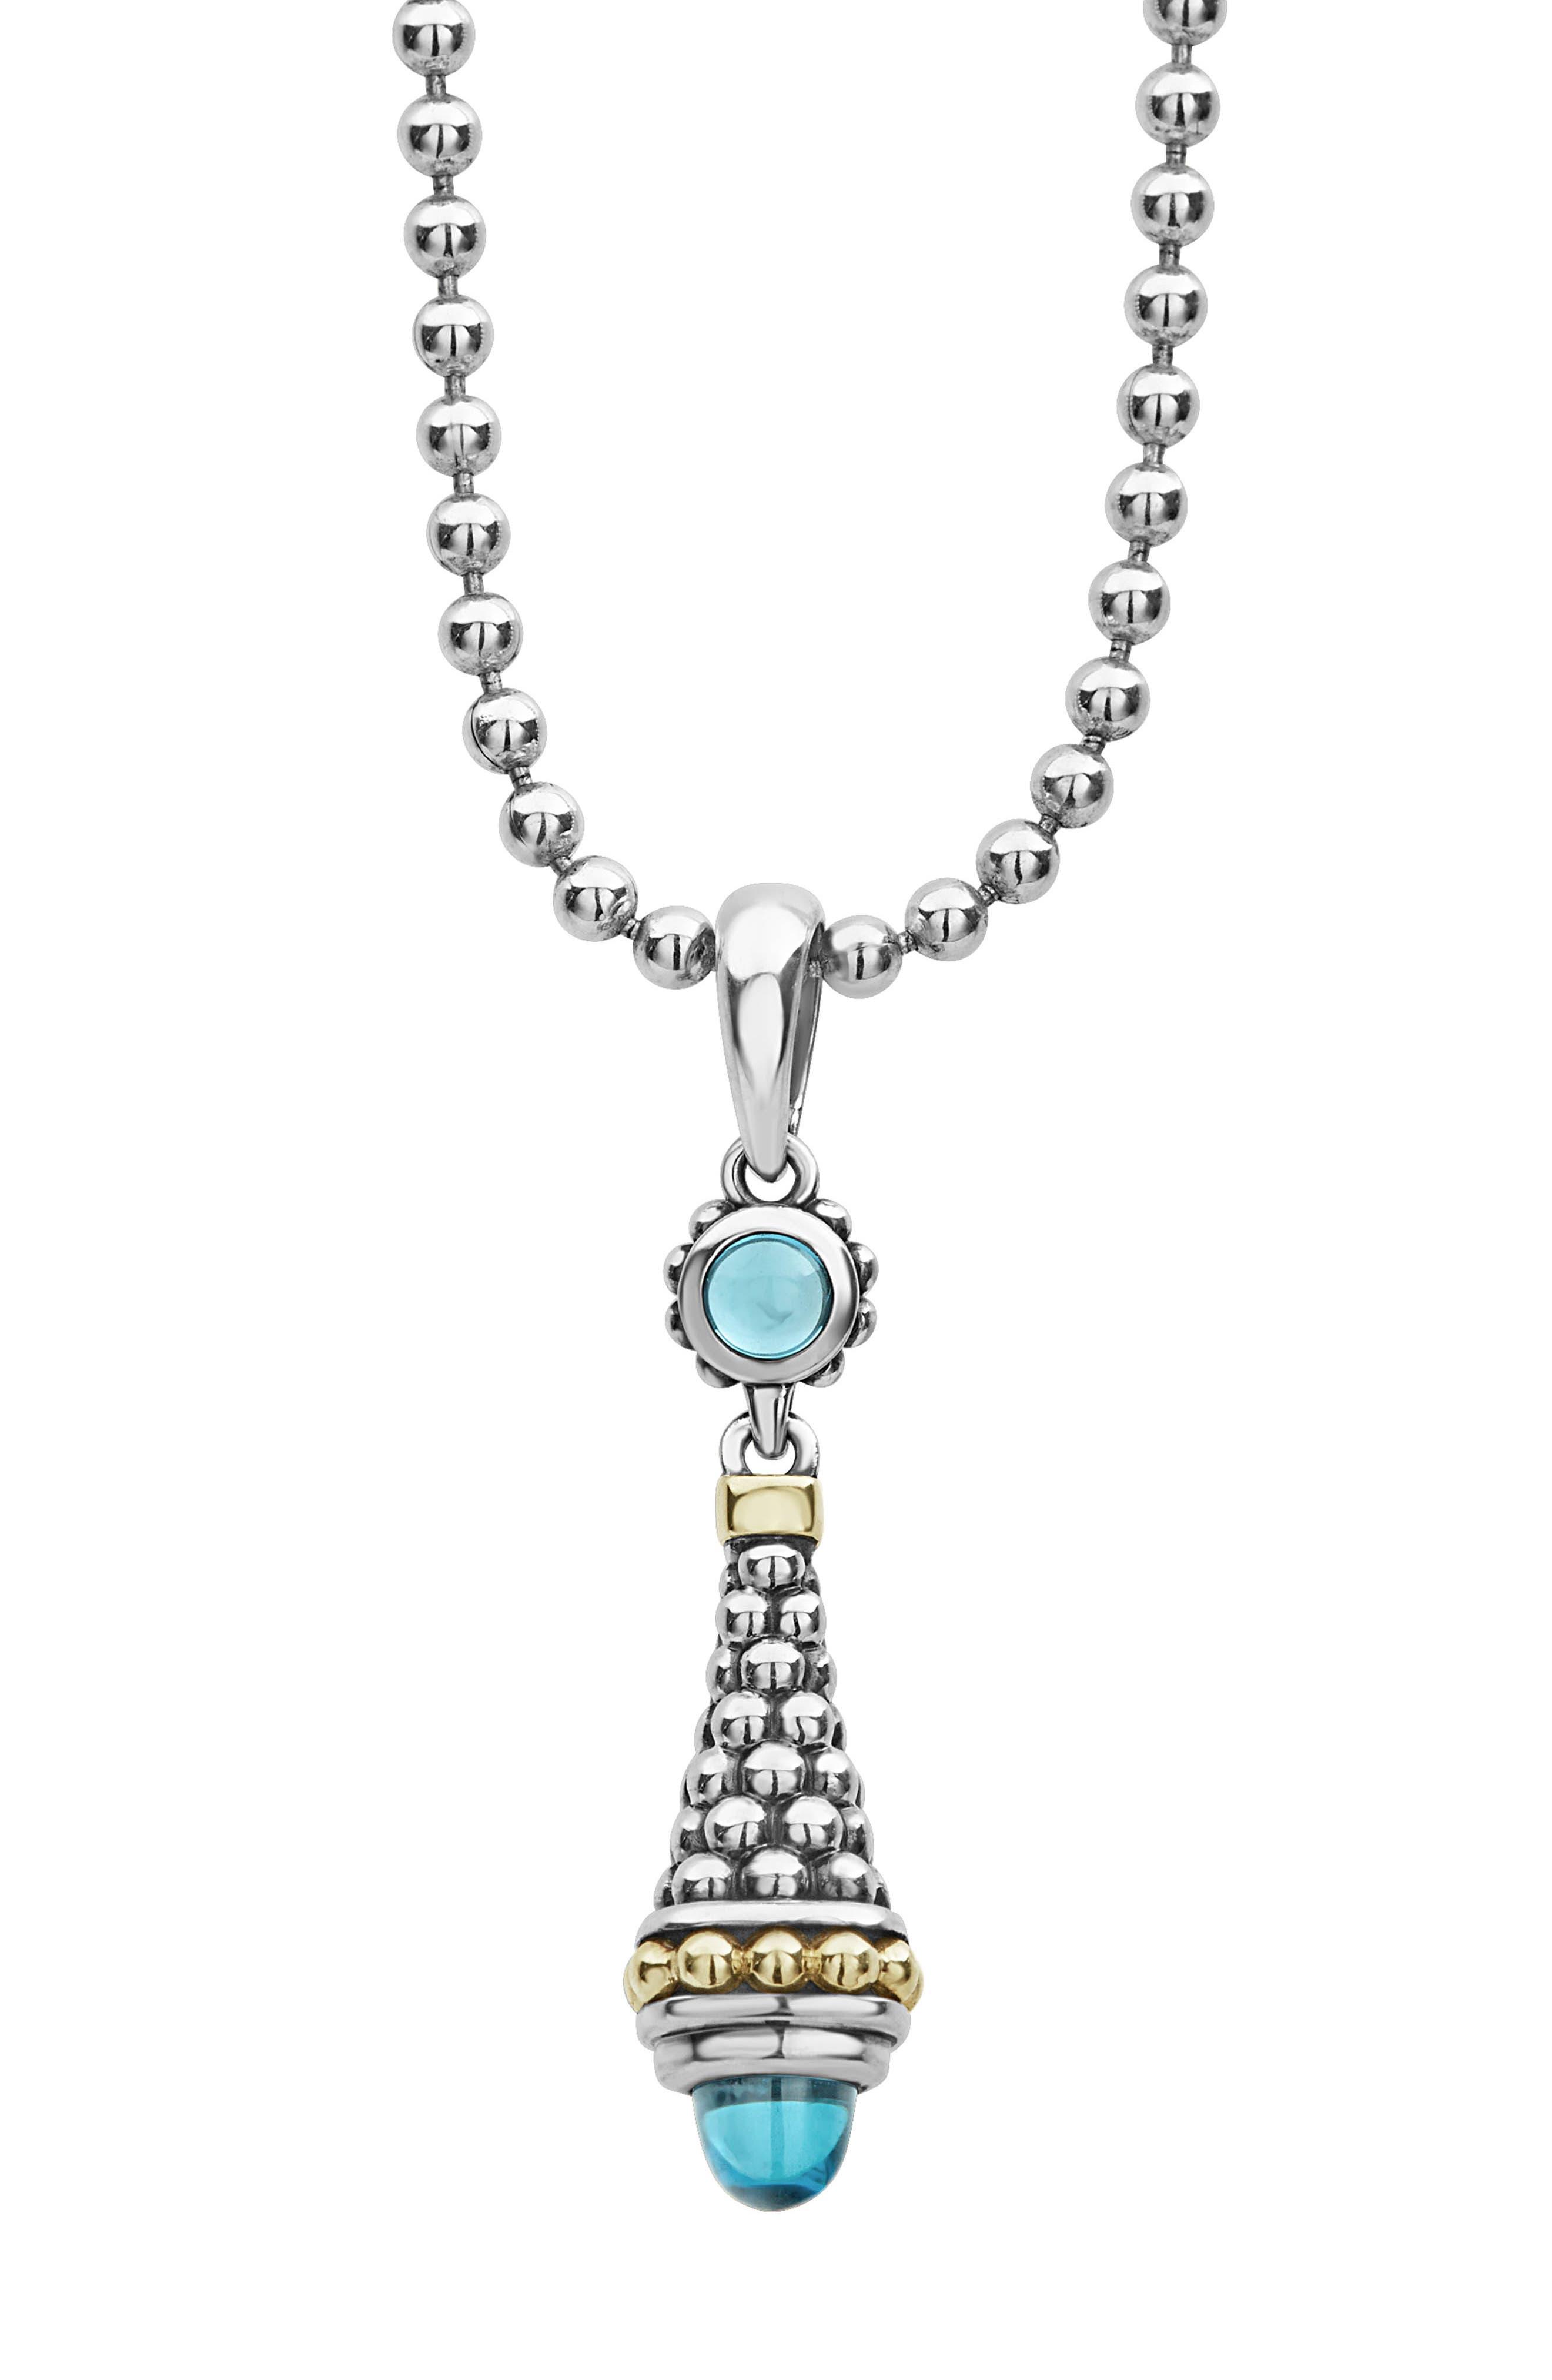 Signature Caviar & Blue Topaz Bullet Pendant Necklace,                             Alternate thumbnail 3, color,                             SILVER/ BLUE TOPAZ